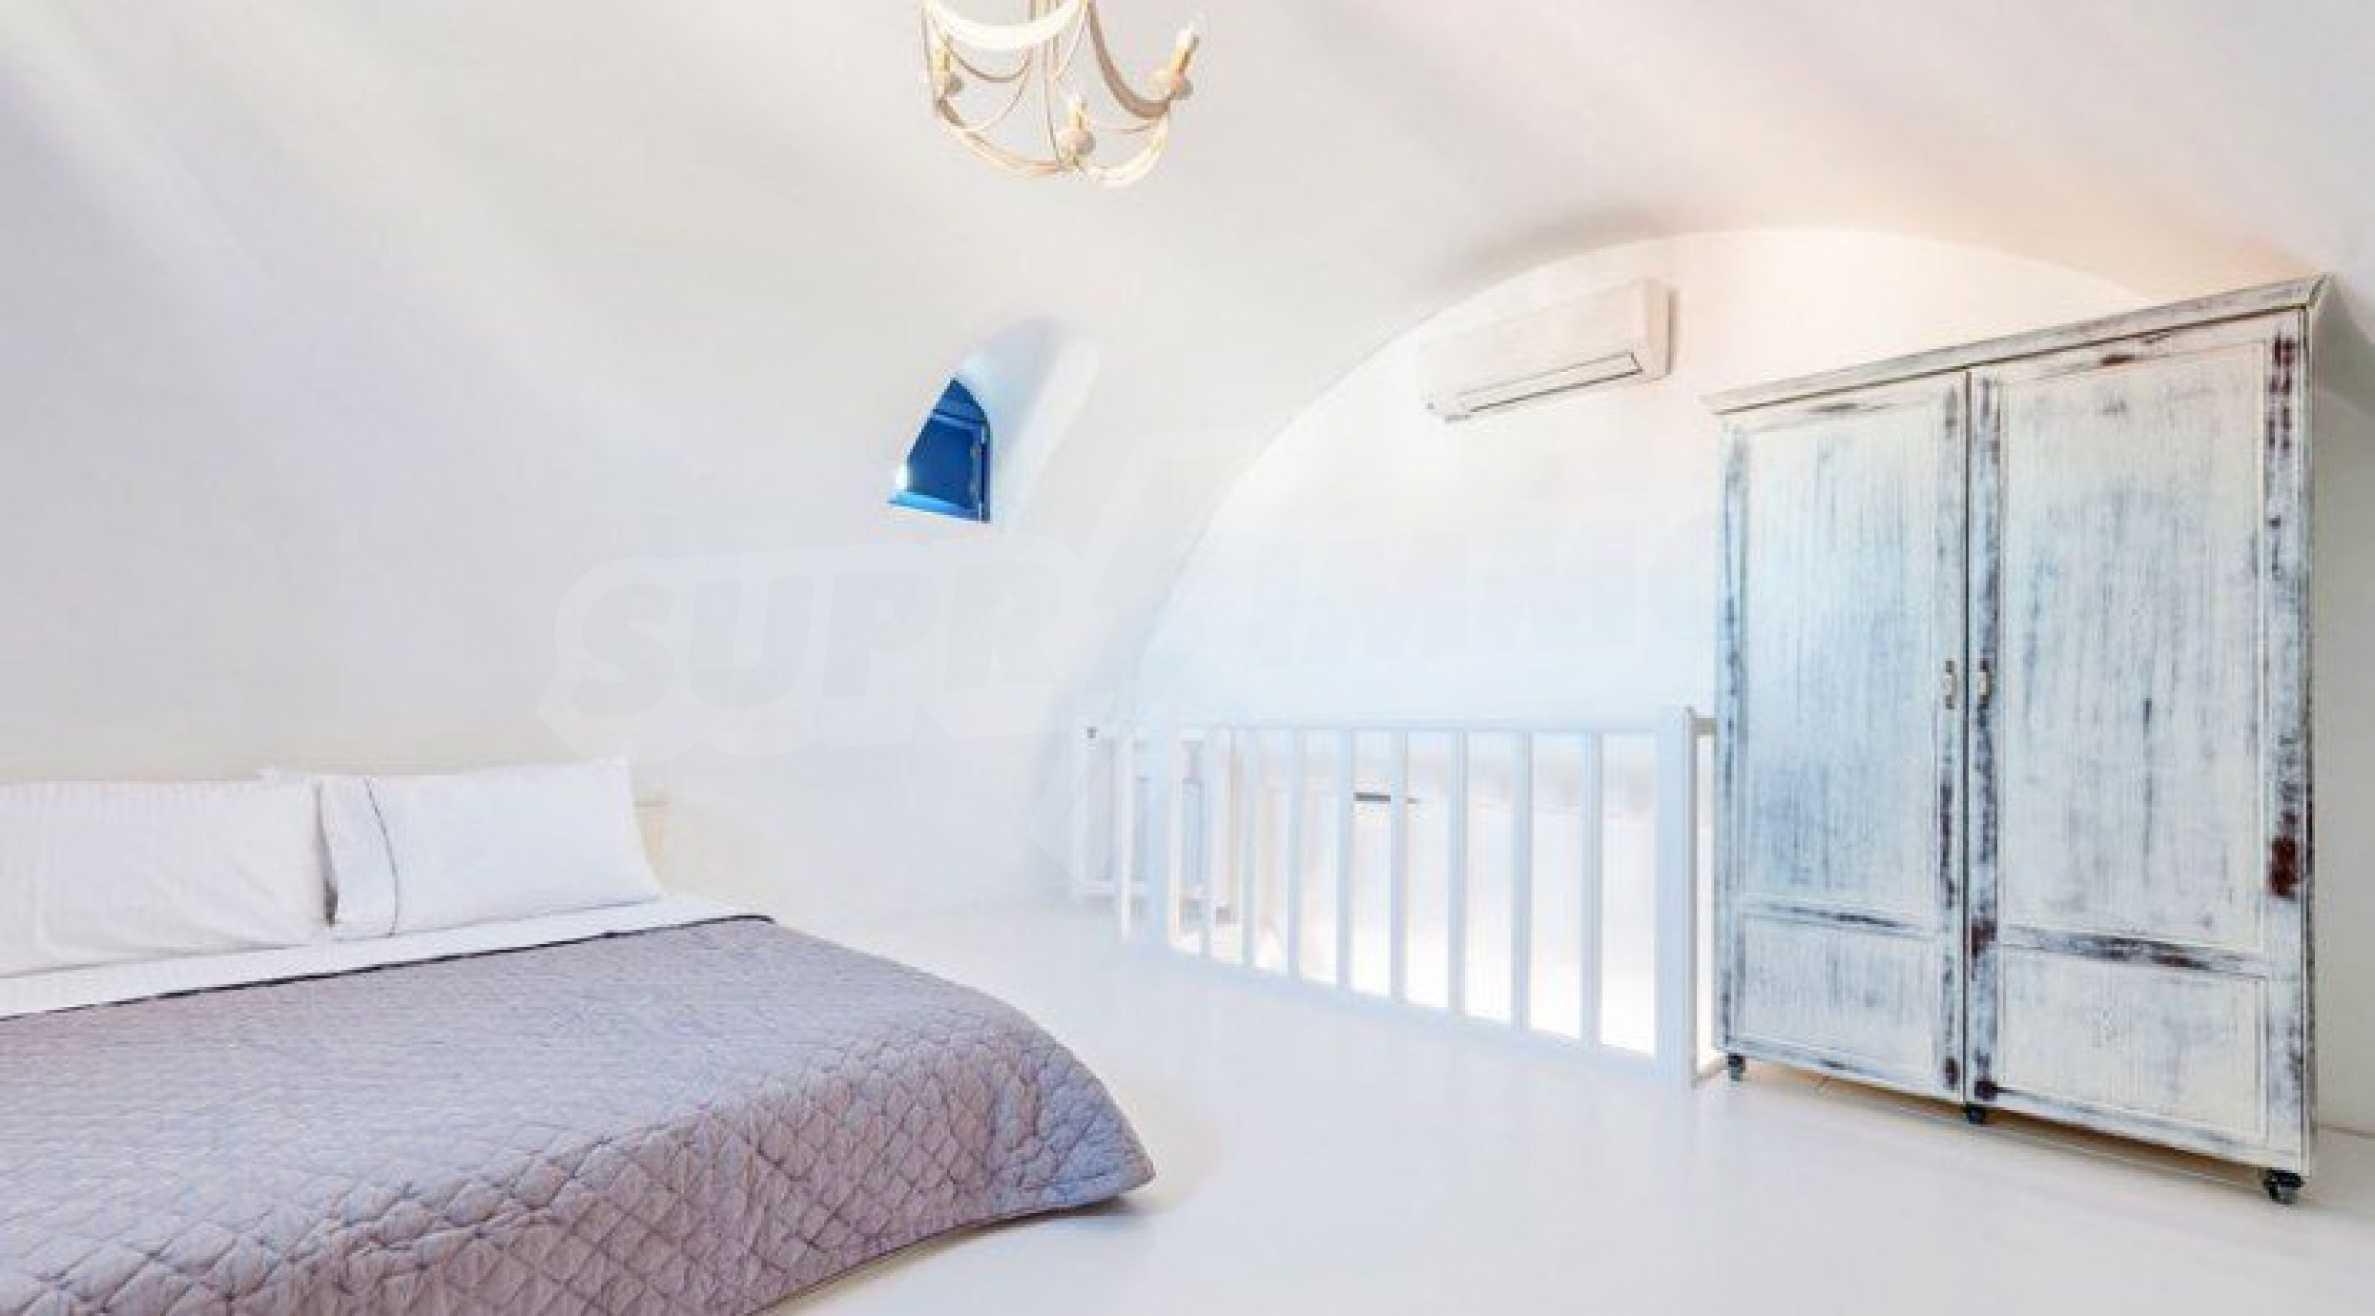 Първокласен имот до Белия плаж на остров Санторини 9